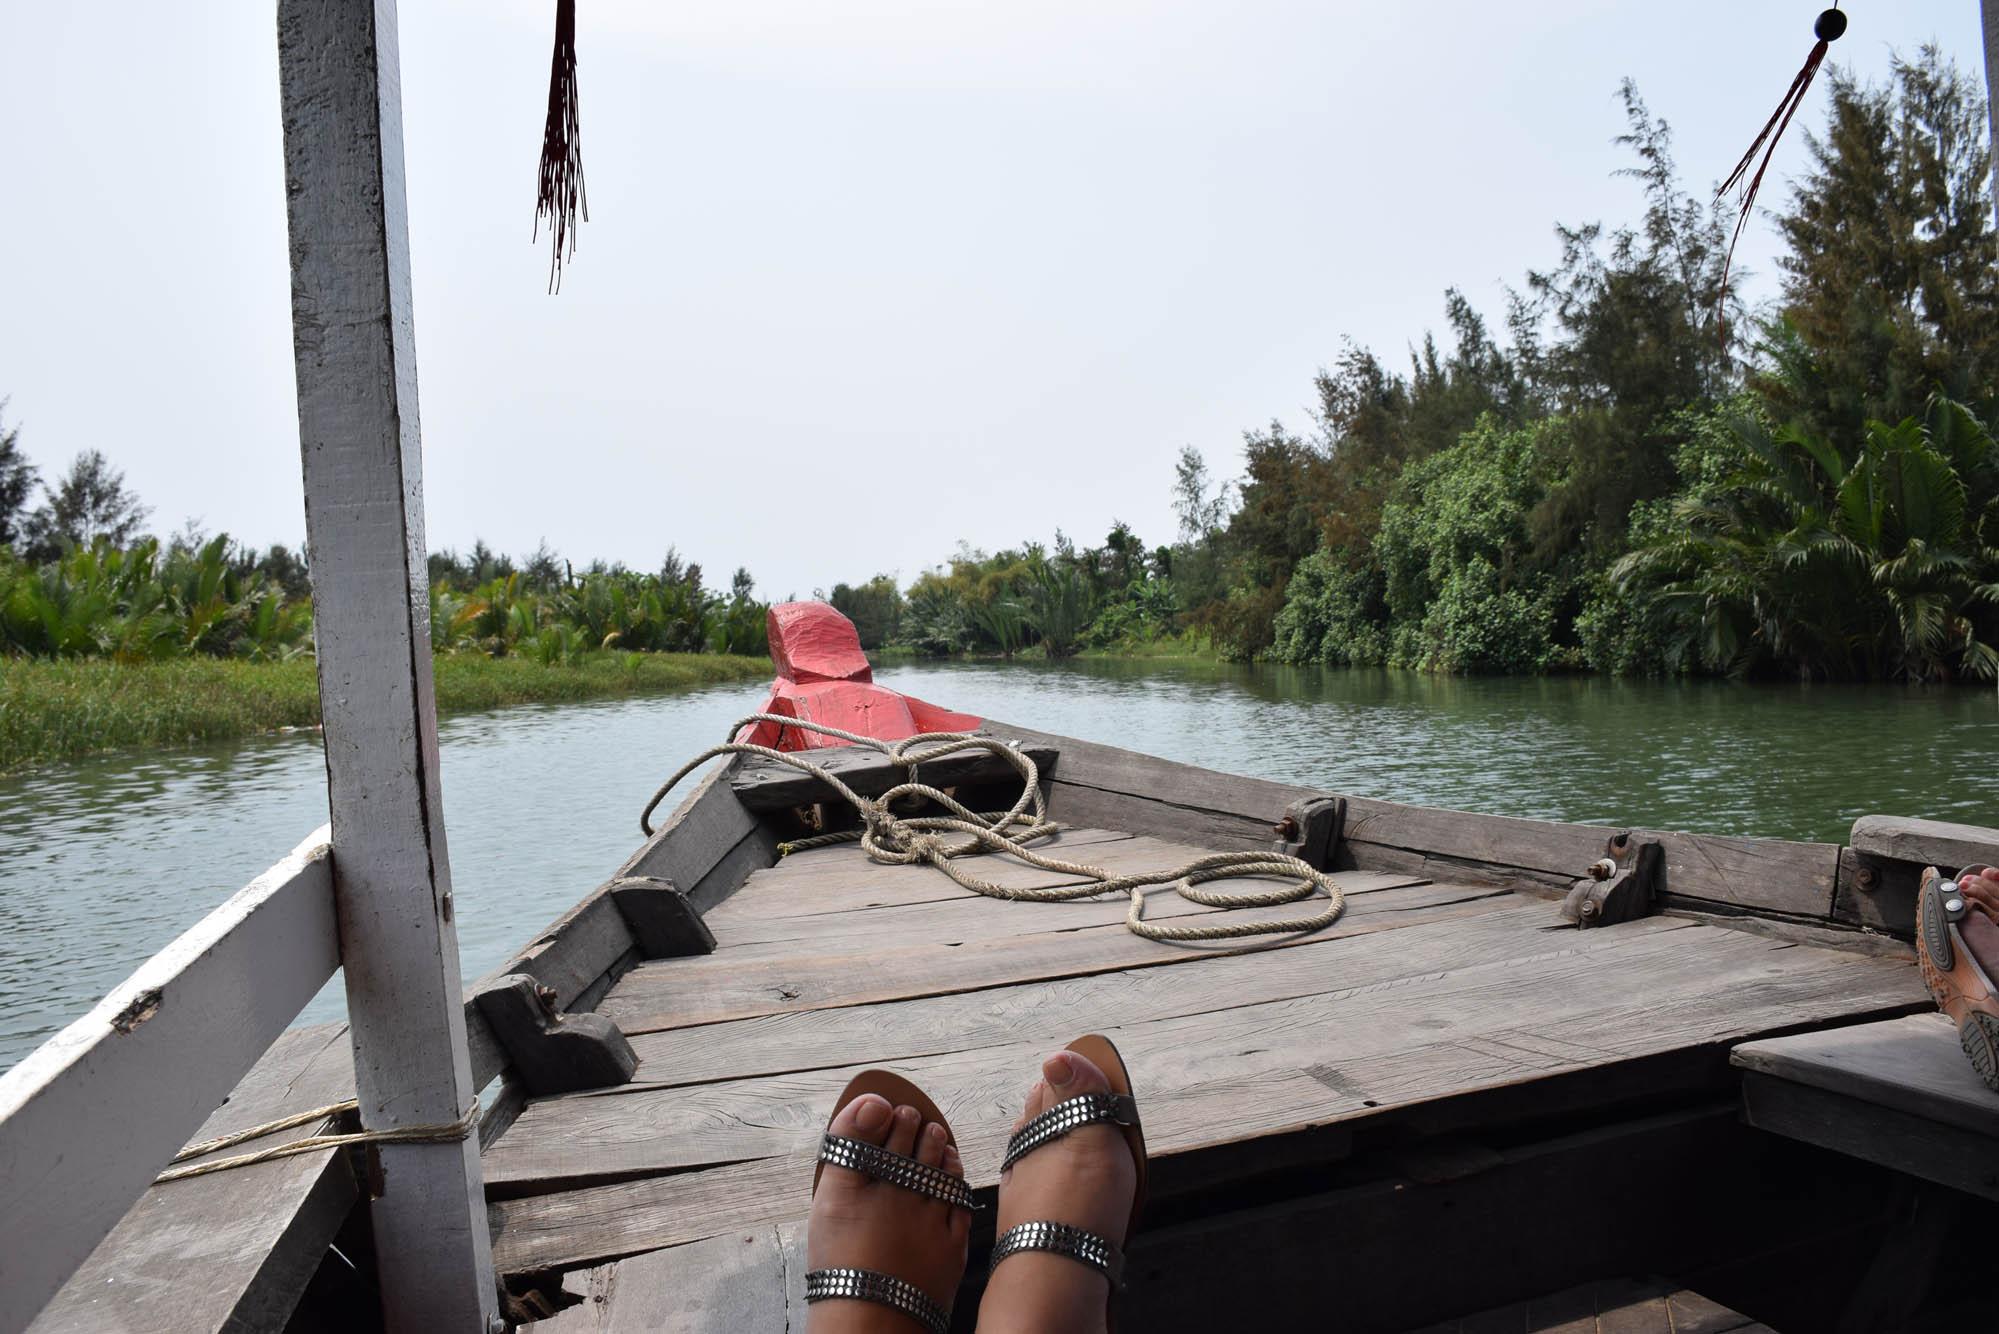 Voltando de barco para Hoi An depois de uma manhã de muita comida!! Red Bridge Cooking School